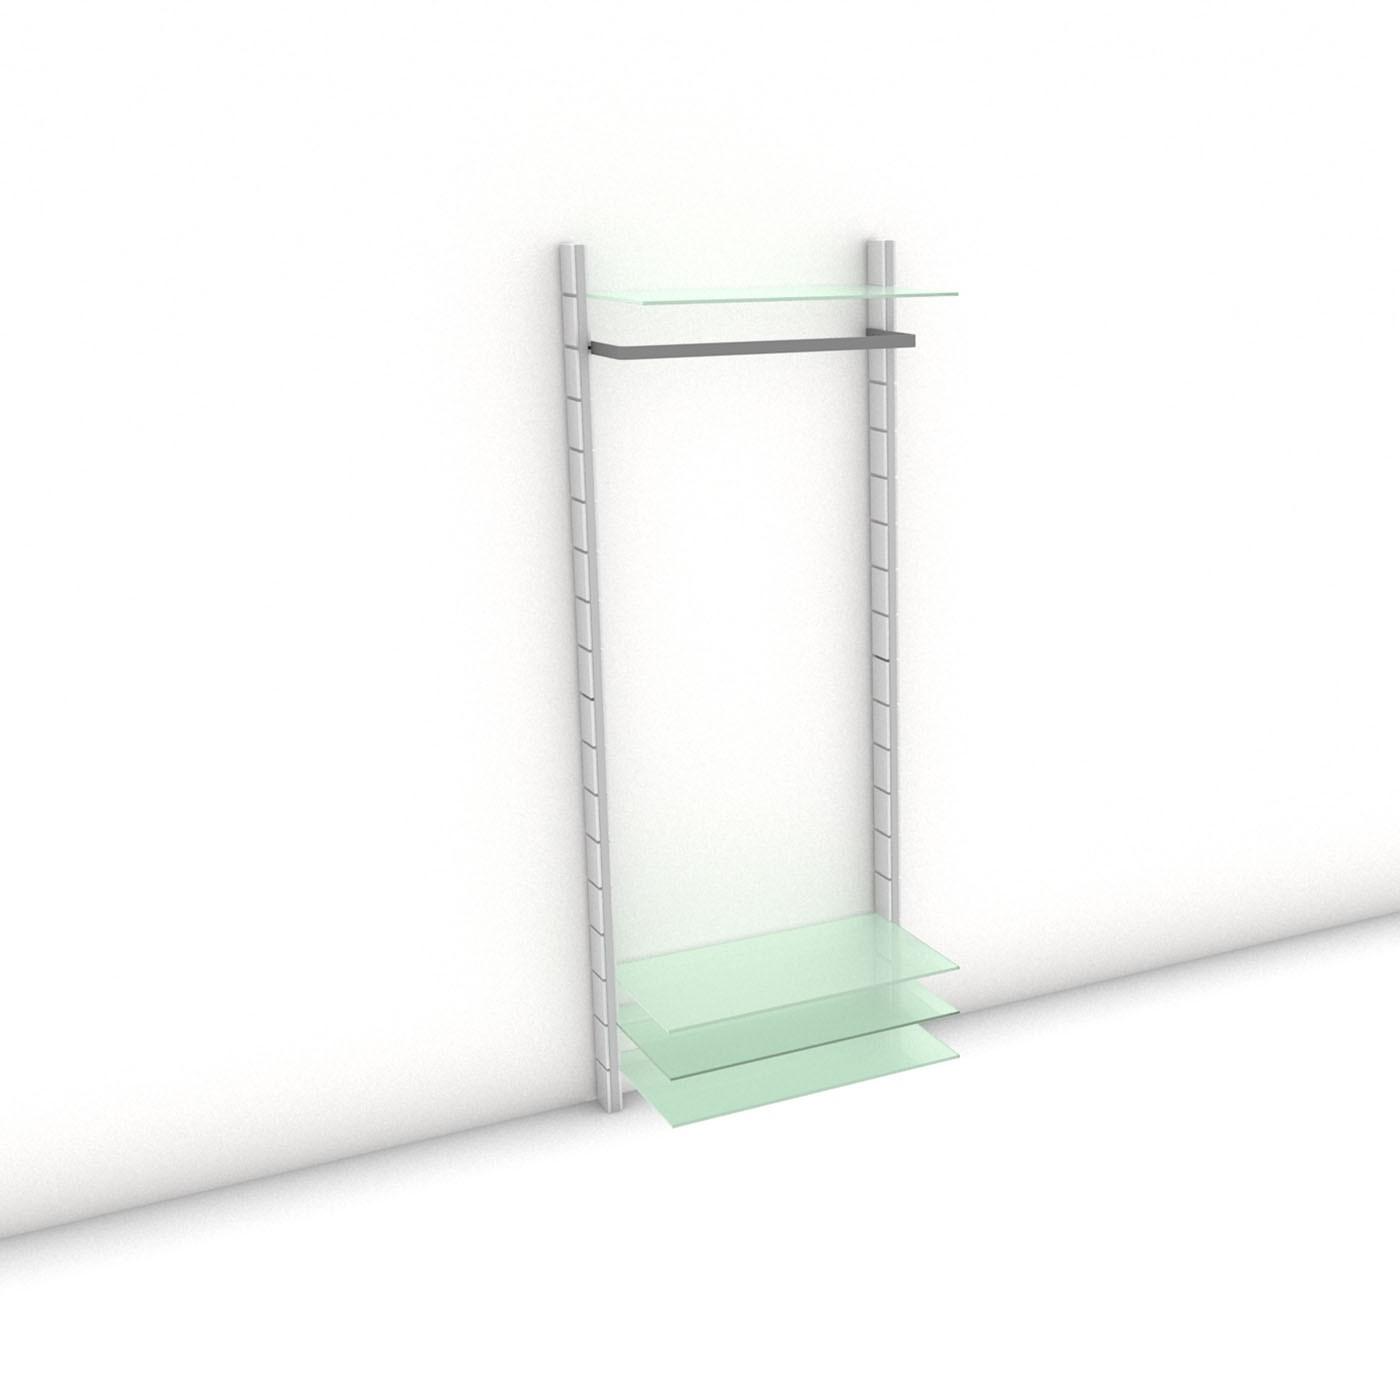 Garderobe - HALL-STAND - Prime (XL) 84 - Maß: 84 x 215,2 x 30 (45) cm (B x H x T)